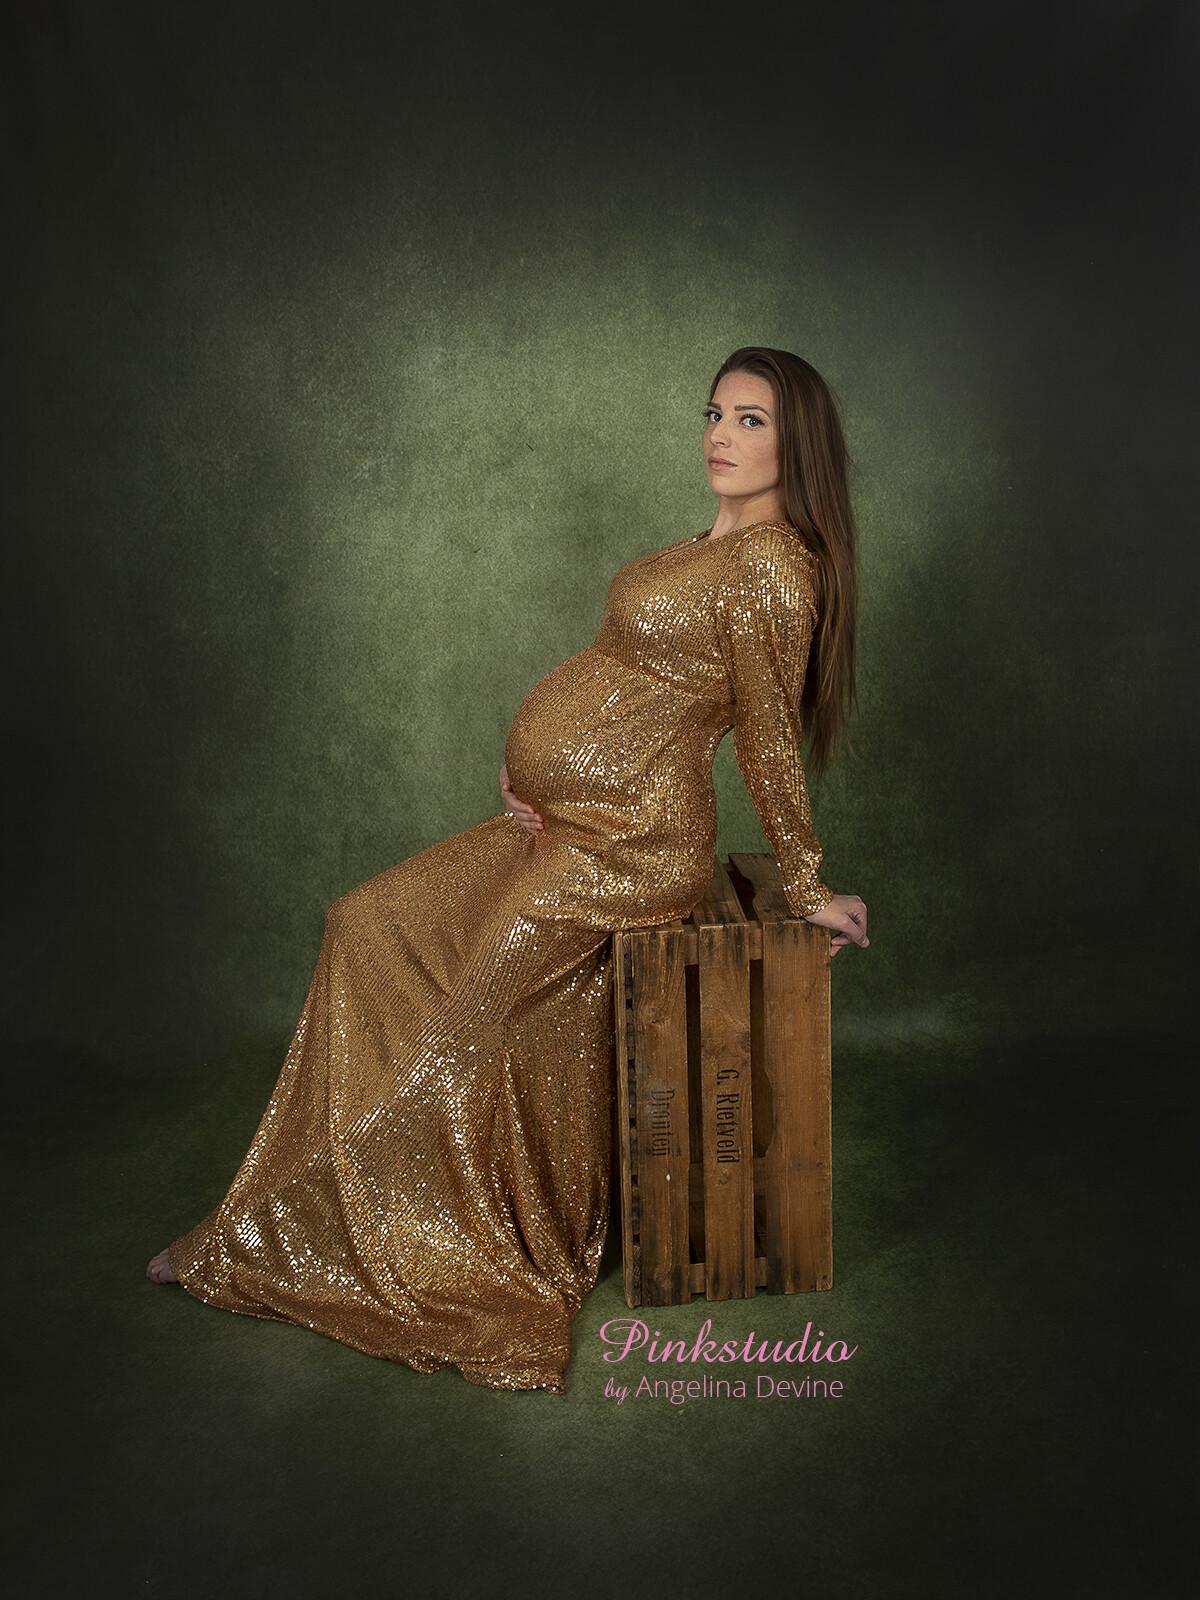 Pinkstudio by Angelina Devine Stine-gravid-197 Gravide søges! graviditet Nyheder Tilbud